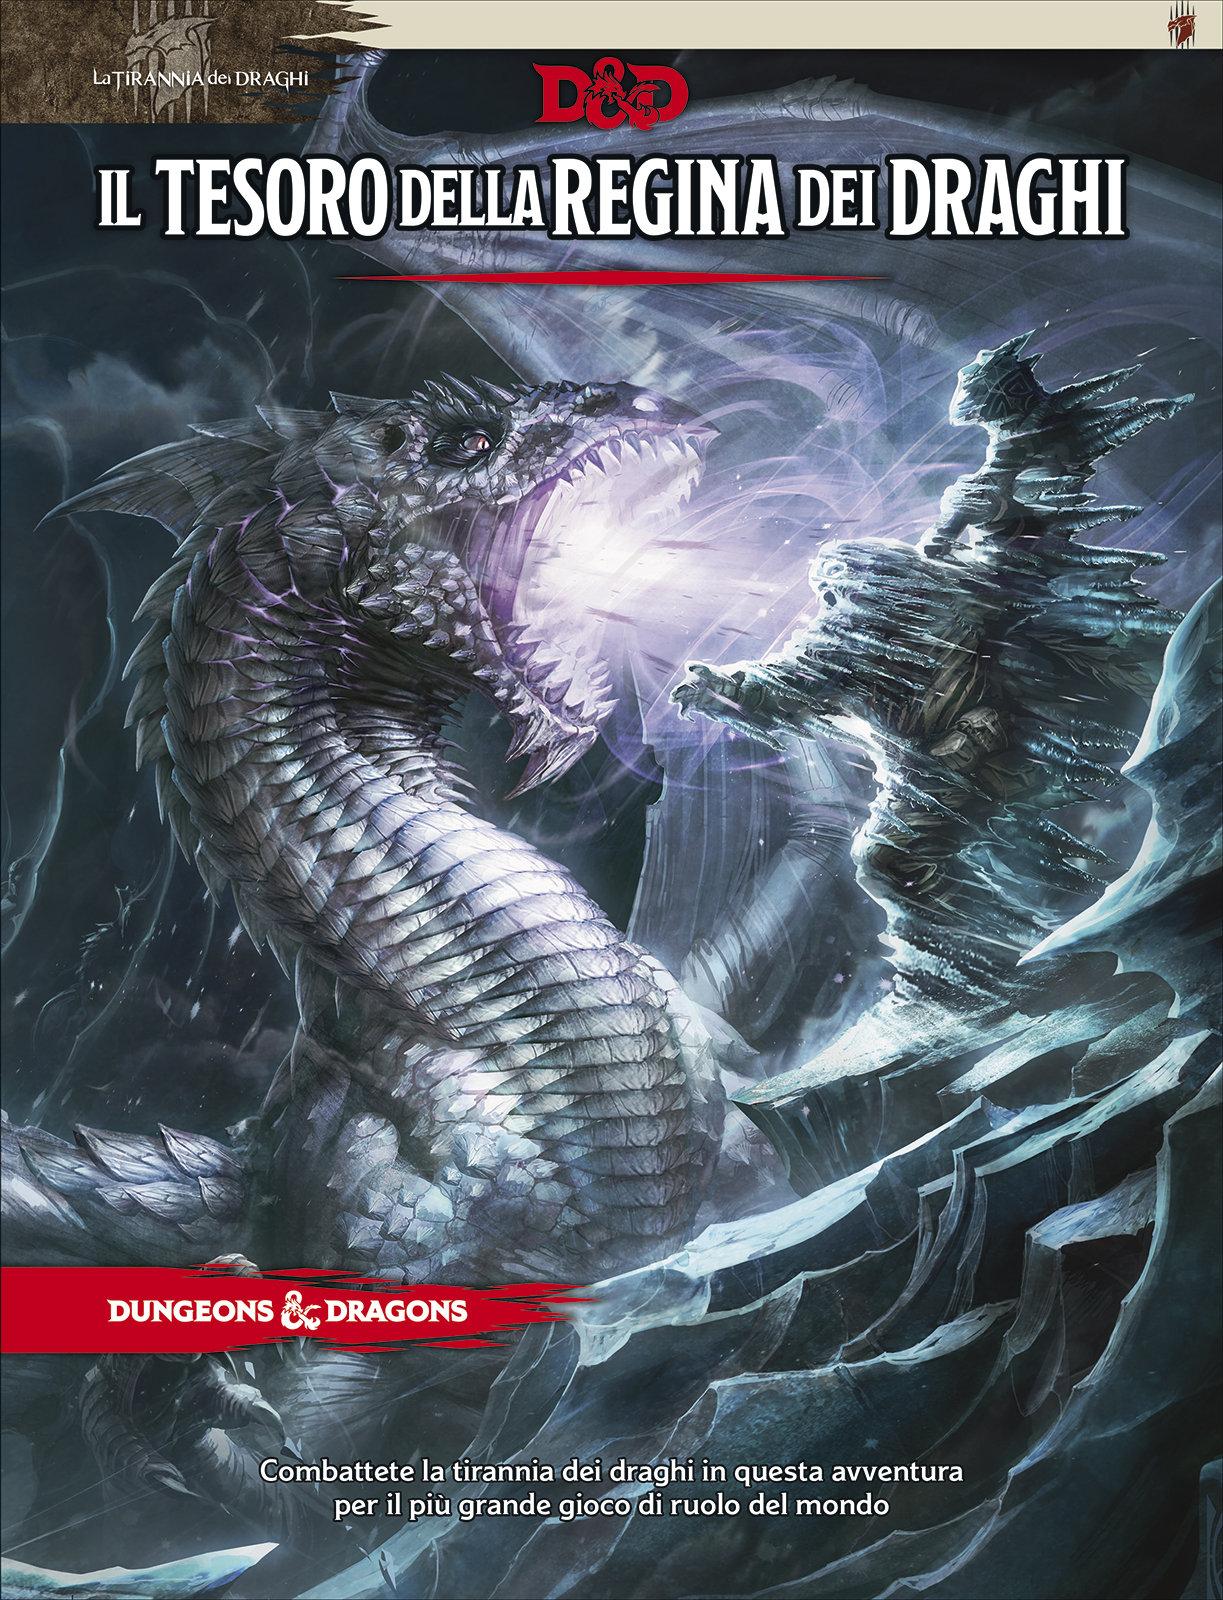 DUNGEONS & DRAGONS 5A EDIZIONE - IL TESORO DELLA REGINA DEI DRAGHI (AVVENTURA 1A PARTE)